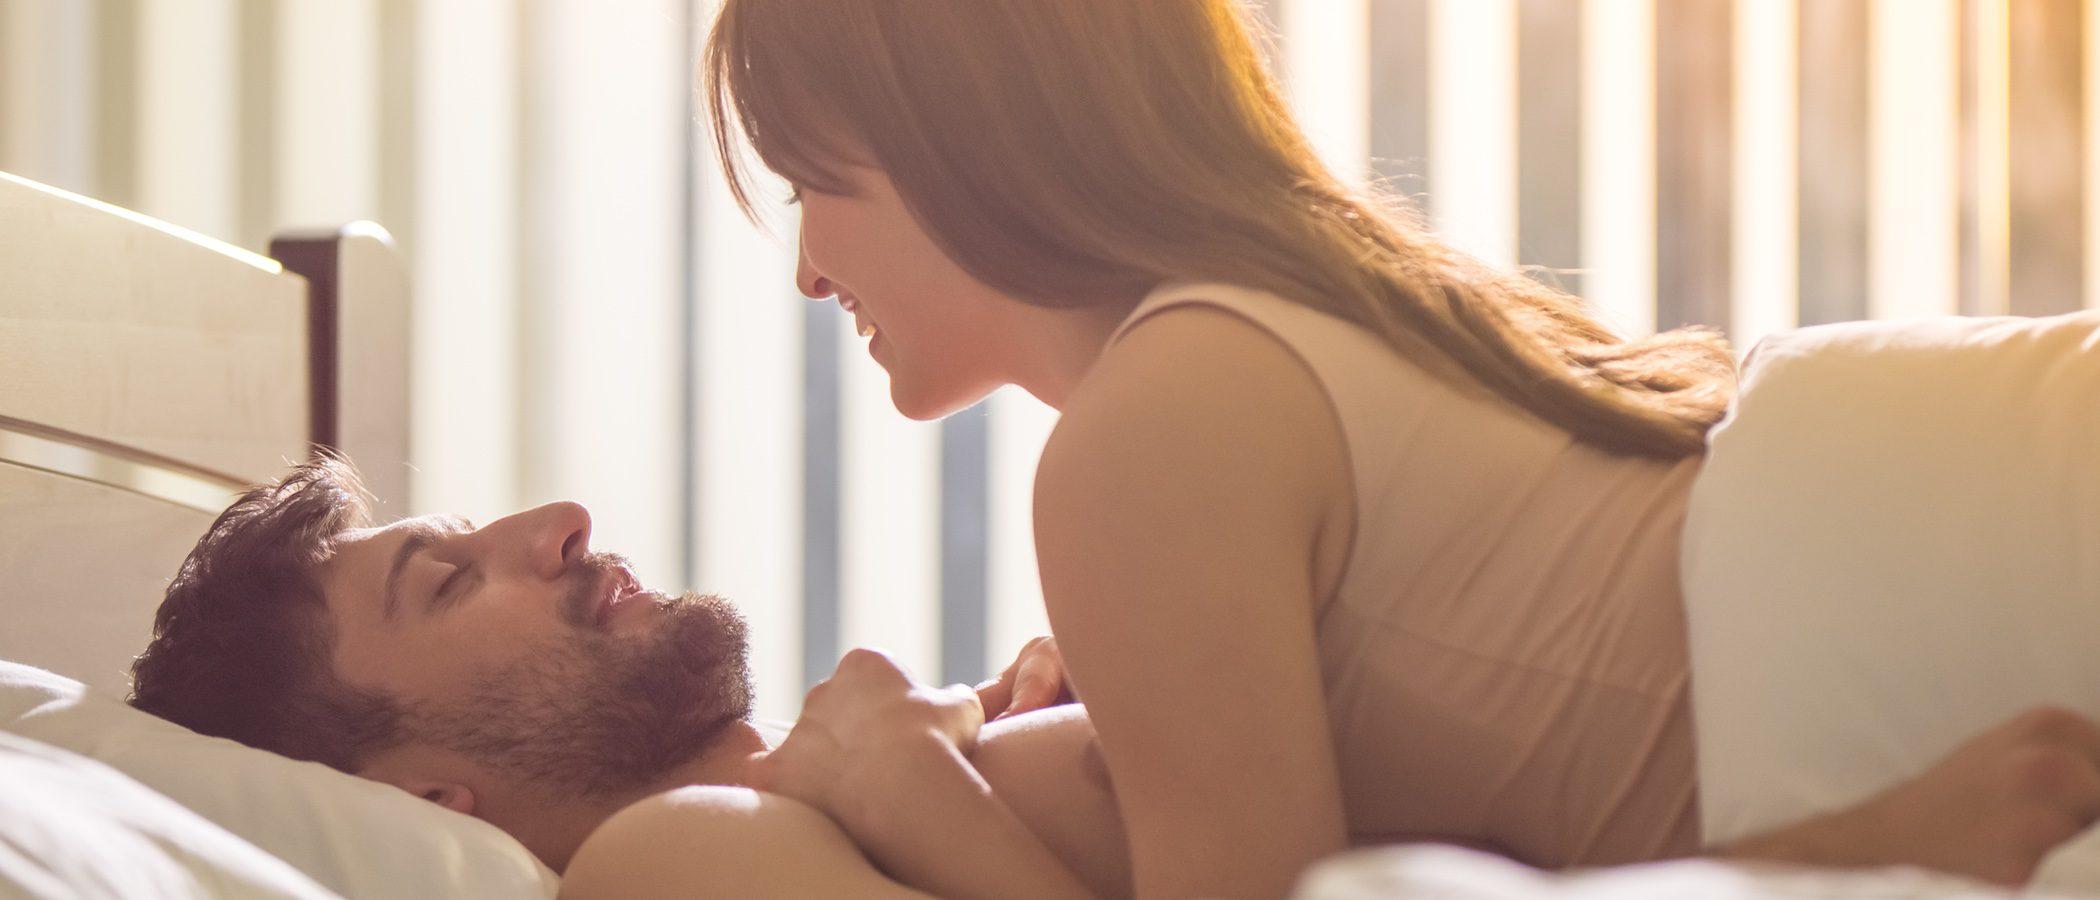 Horóscopo sexual septiembre 2017: Géminis